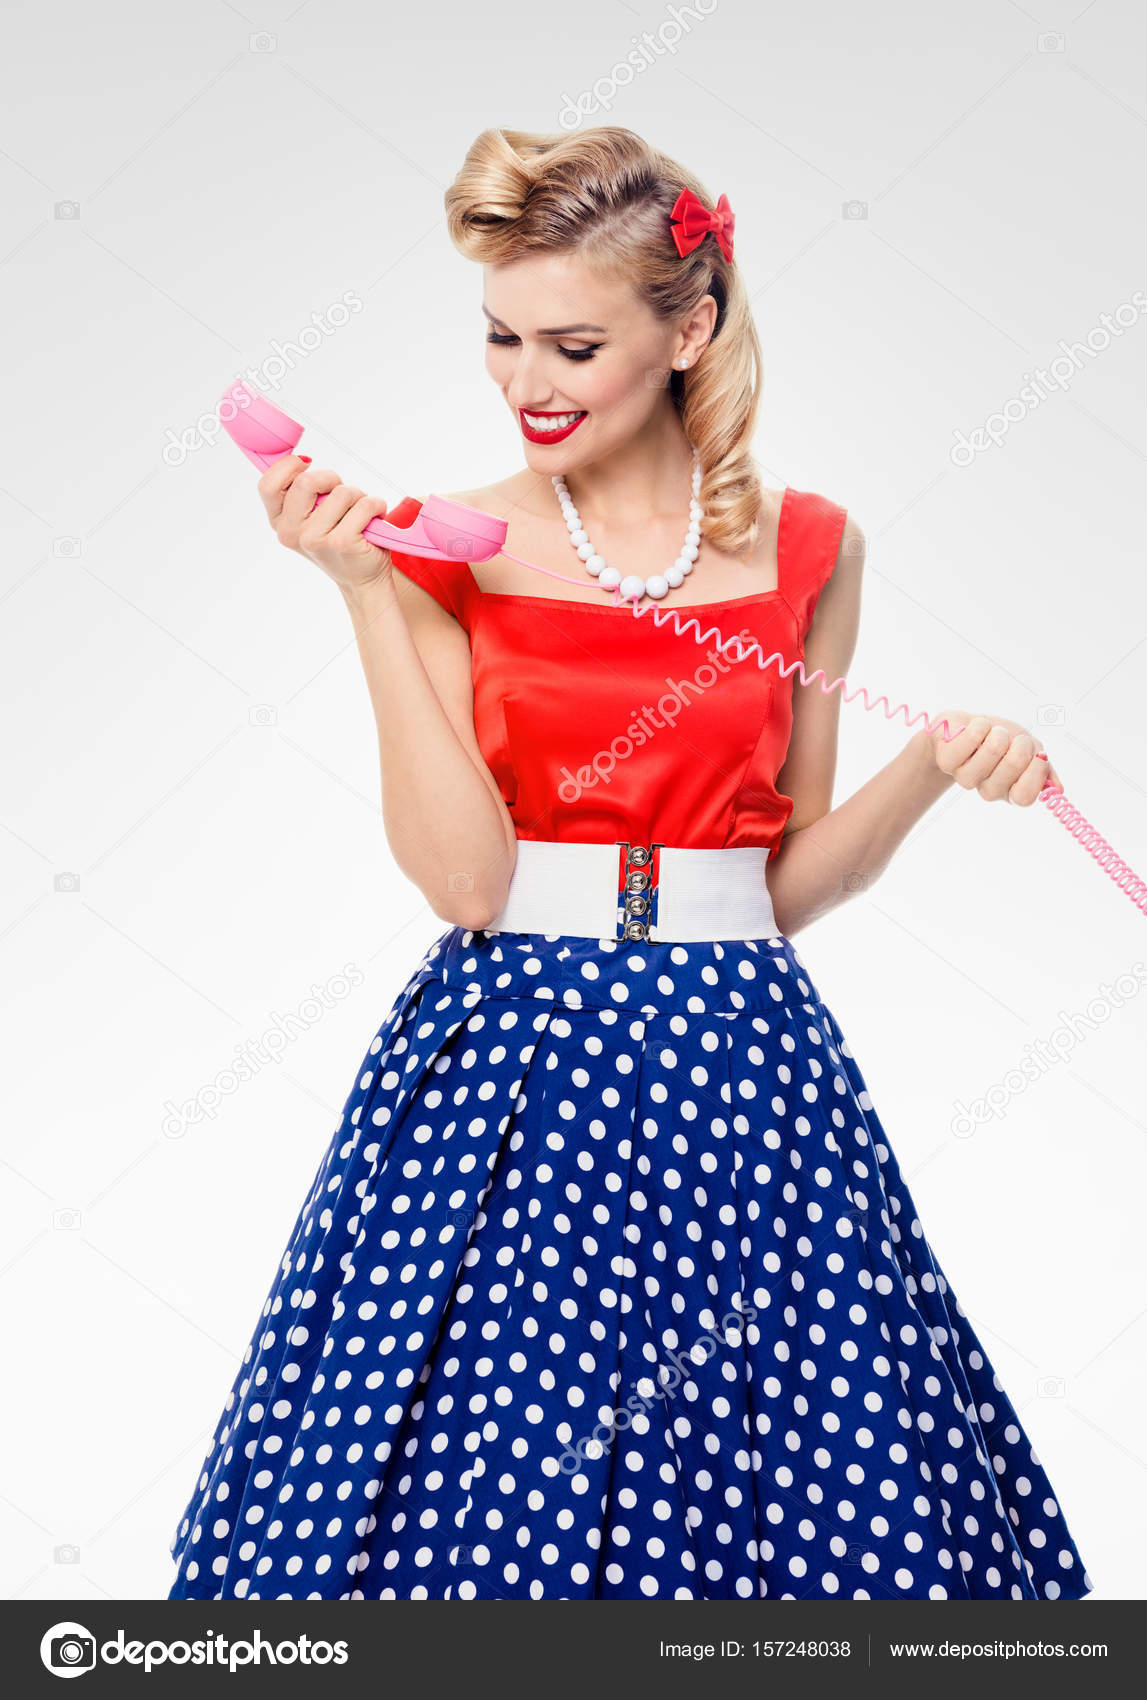 Vrouw Met Telefoon Smiling Gekleed In Pin Up Stijl Jurk Stockfoto